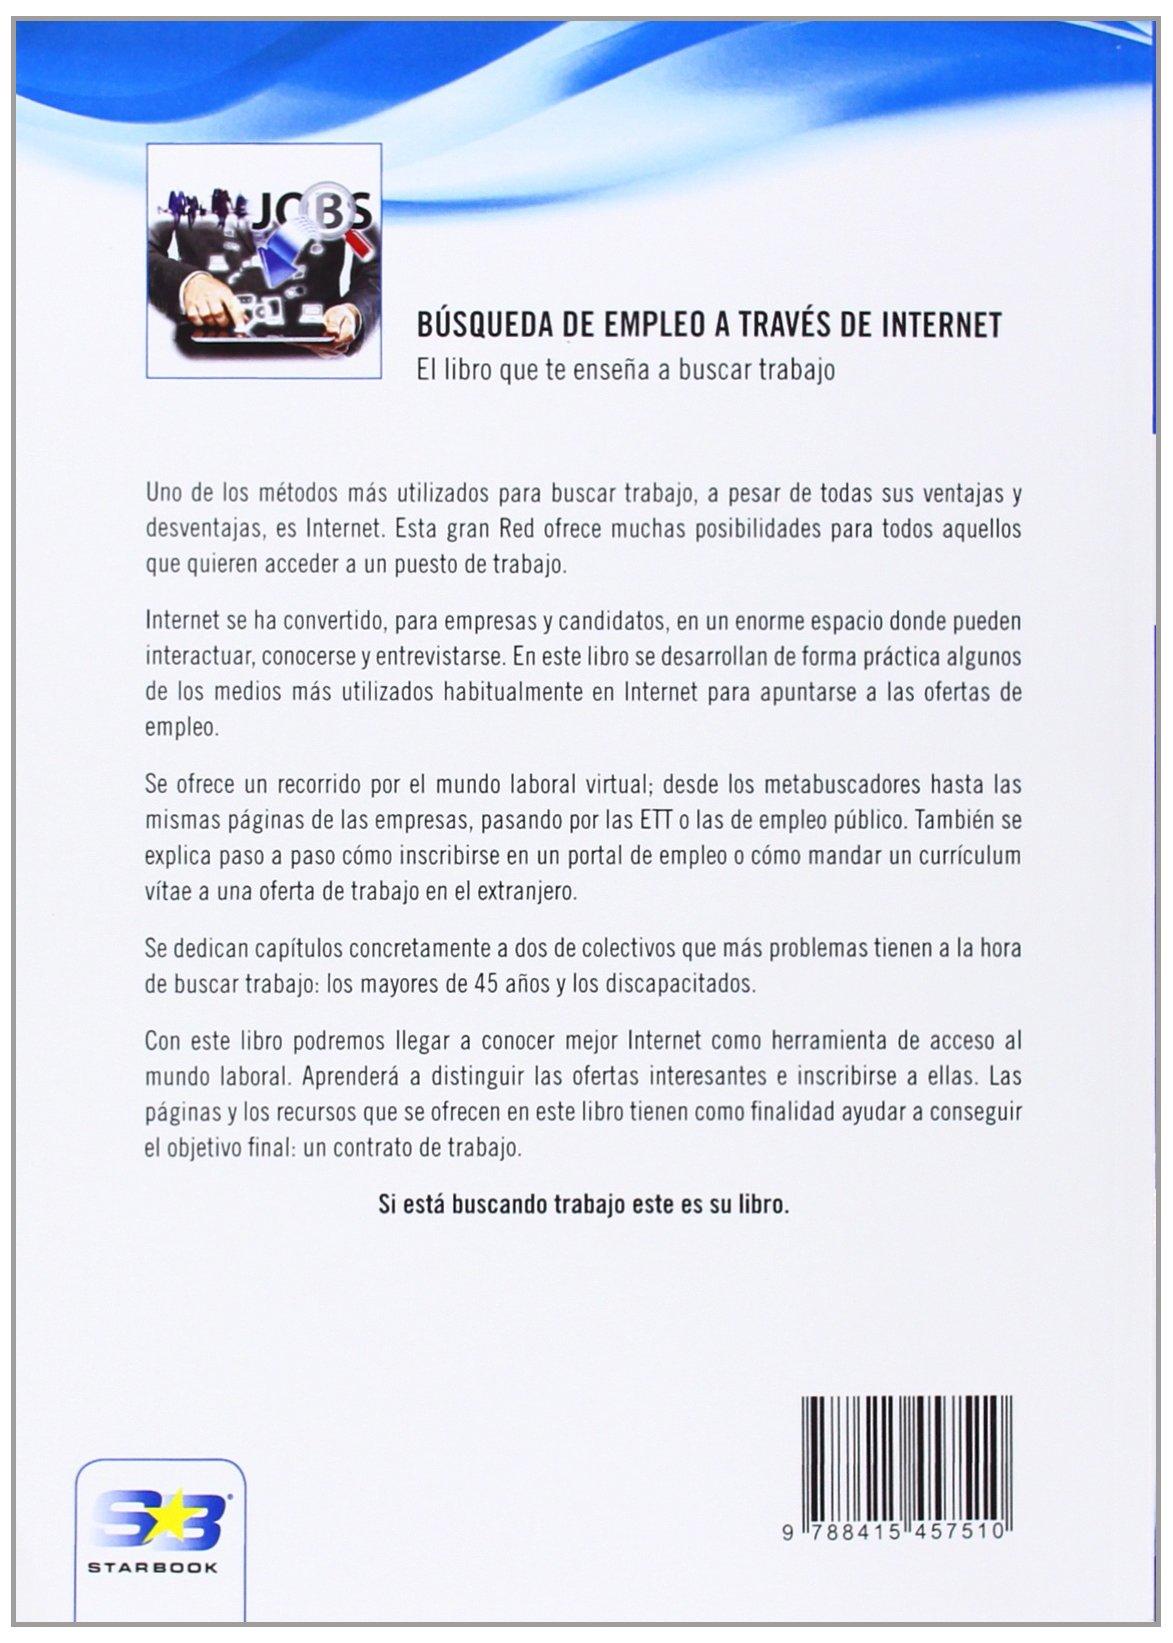 Búsqueda de empleo a través de Internet: Amazon.es: Iván Parro ...